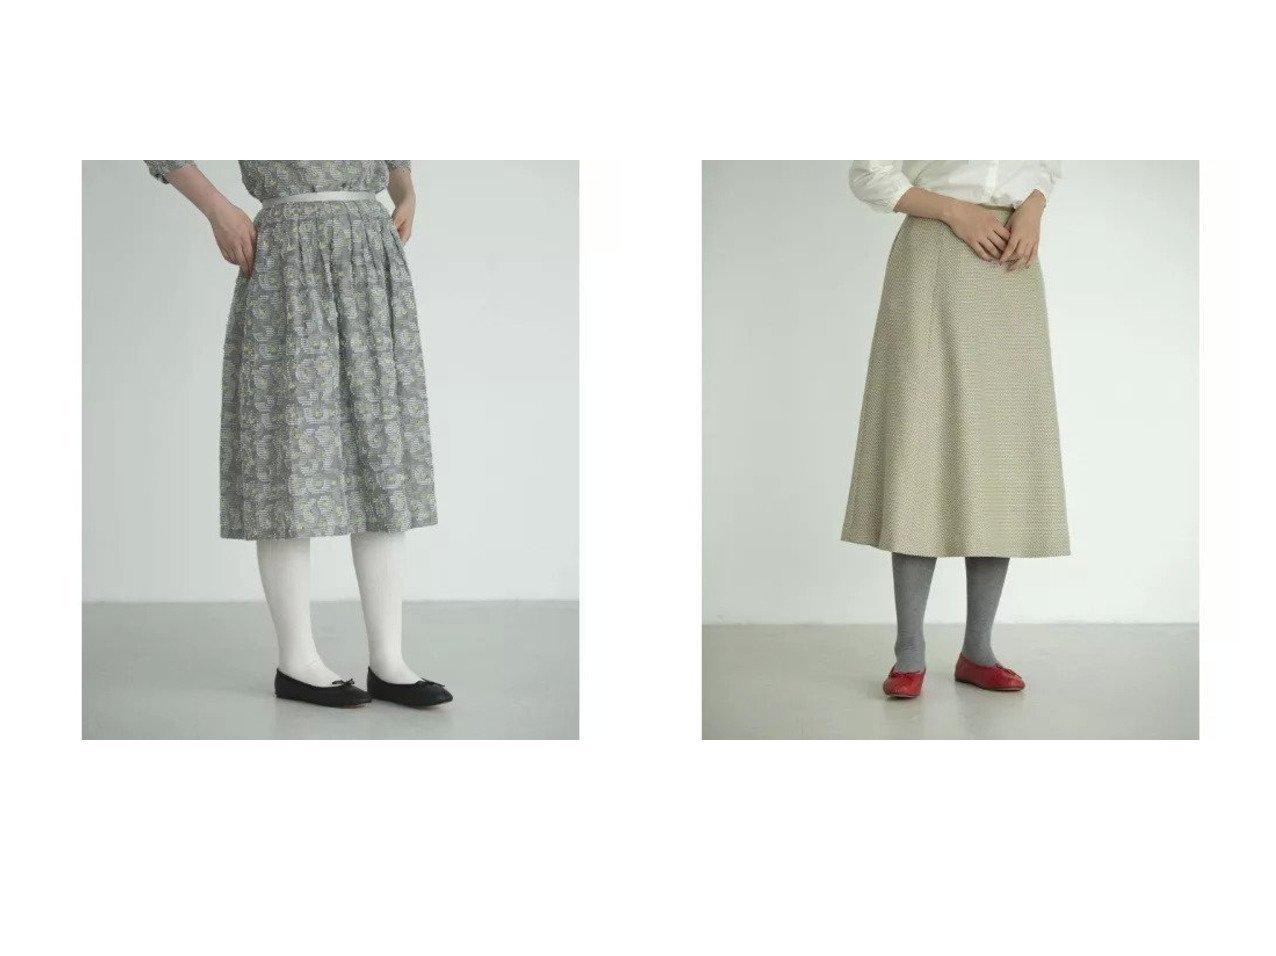 【Sally Scott/サリースコット】のLandolt スカート&Toning スカート 【スカート】おすすめ!人気、トレンド・レディースファッションの通販 おすすめで人気の流行・トレンド、ファッションの通販商品 インテリア・家具・メンズファッション・キッズファッション・レディースファッション・服の通販 founy(ファニー) https://founy.com/ ファッション Fashion レディースファッション WOMEN スカート Skirt ジャカード セットアップ フォルム ボーダー ポケット マキシ モチーフ ロング おすすめ Recommend イエロー クラシカル |ID:crp329100000070679